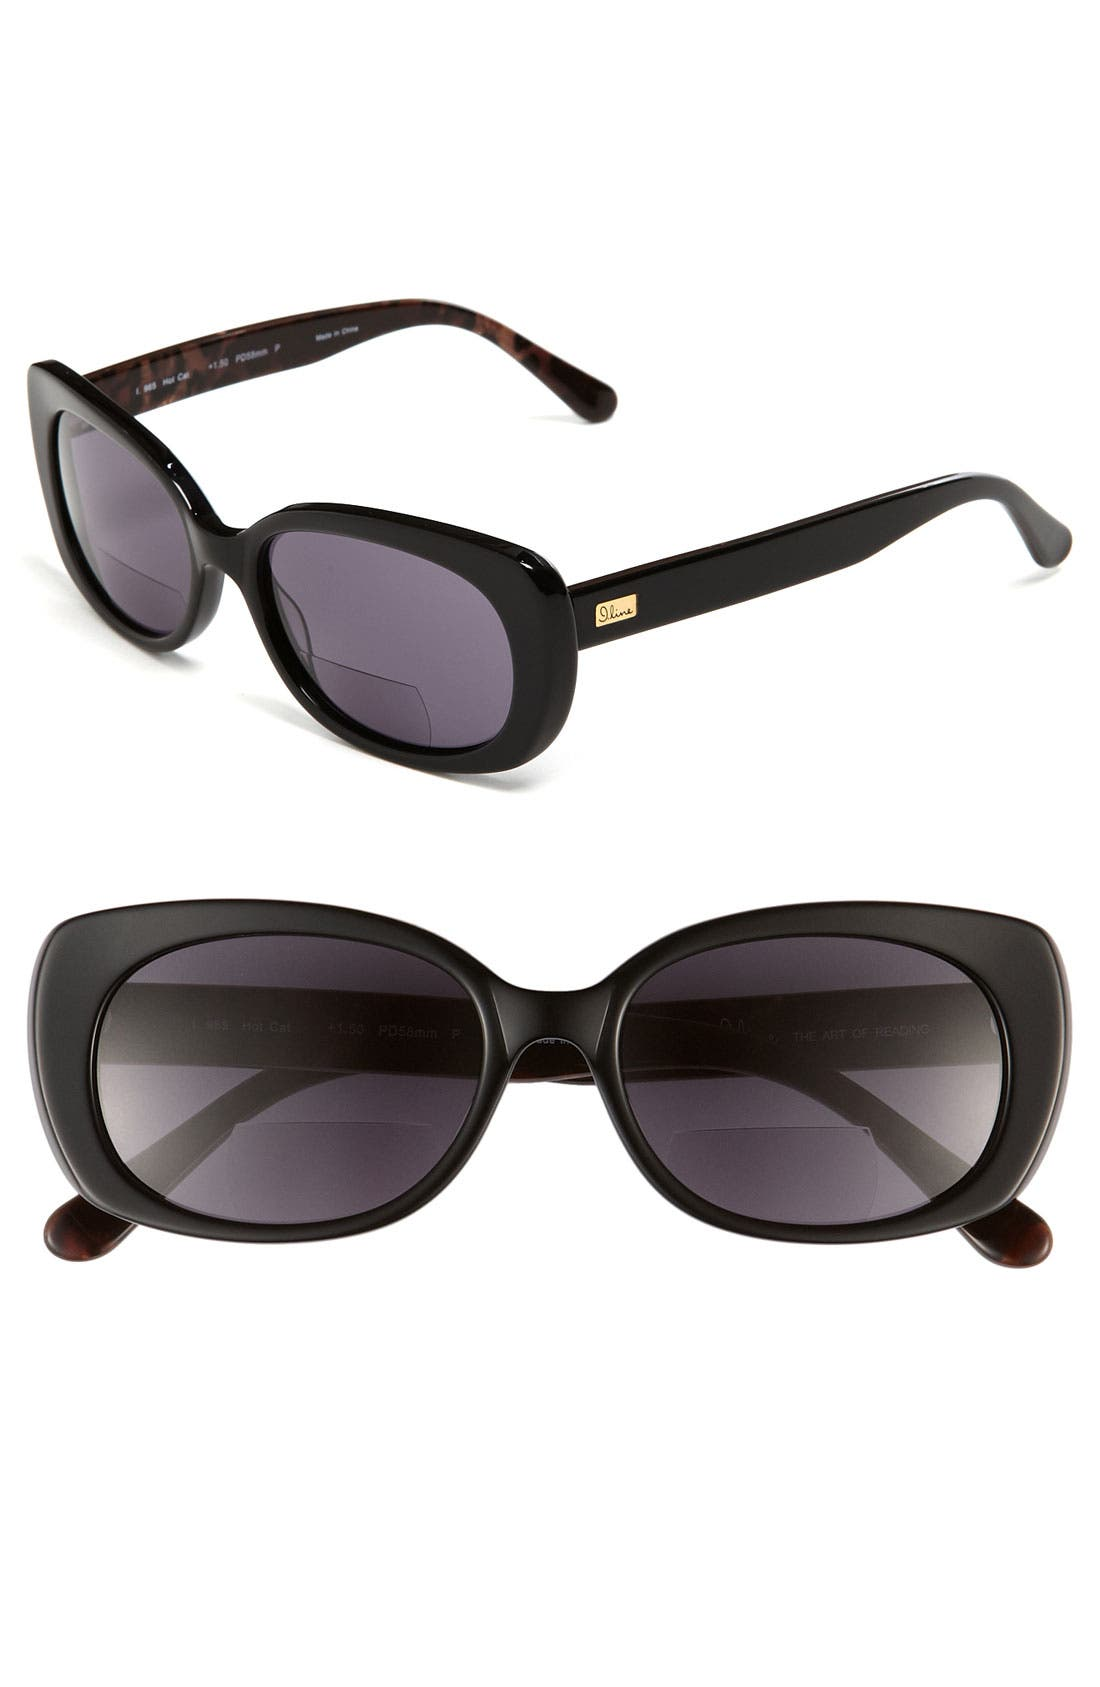 Main Image - I Line Eyewear 'Hot Cat' Reading Sunglasses